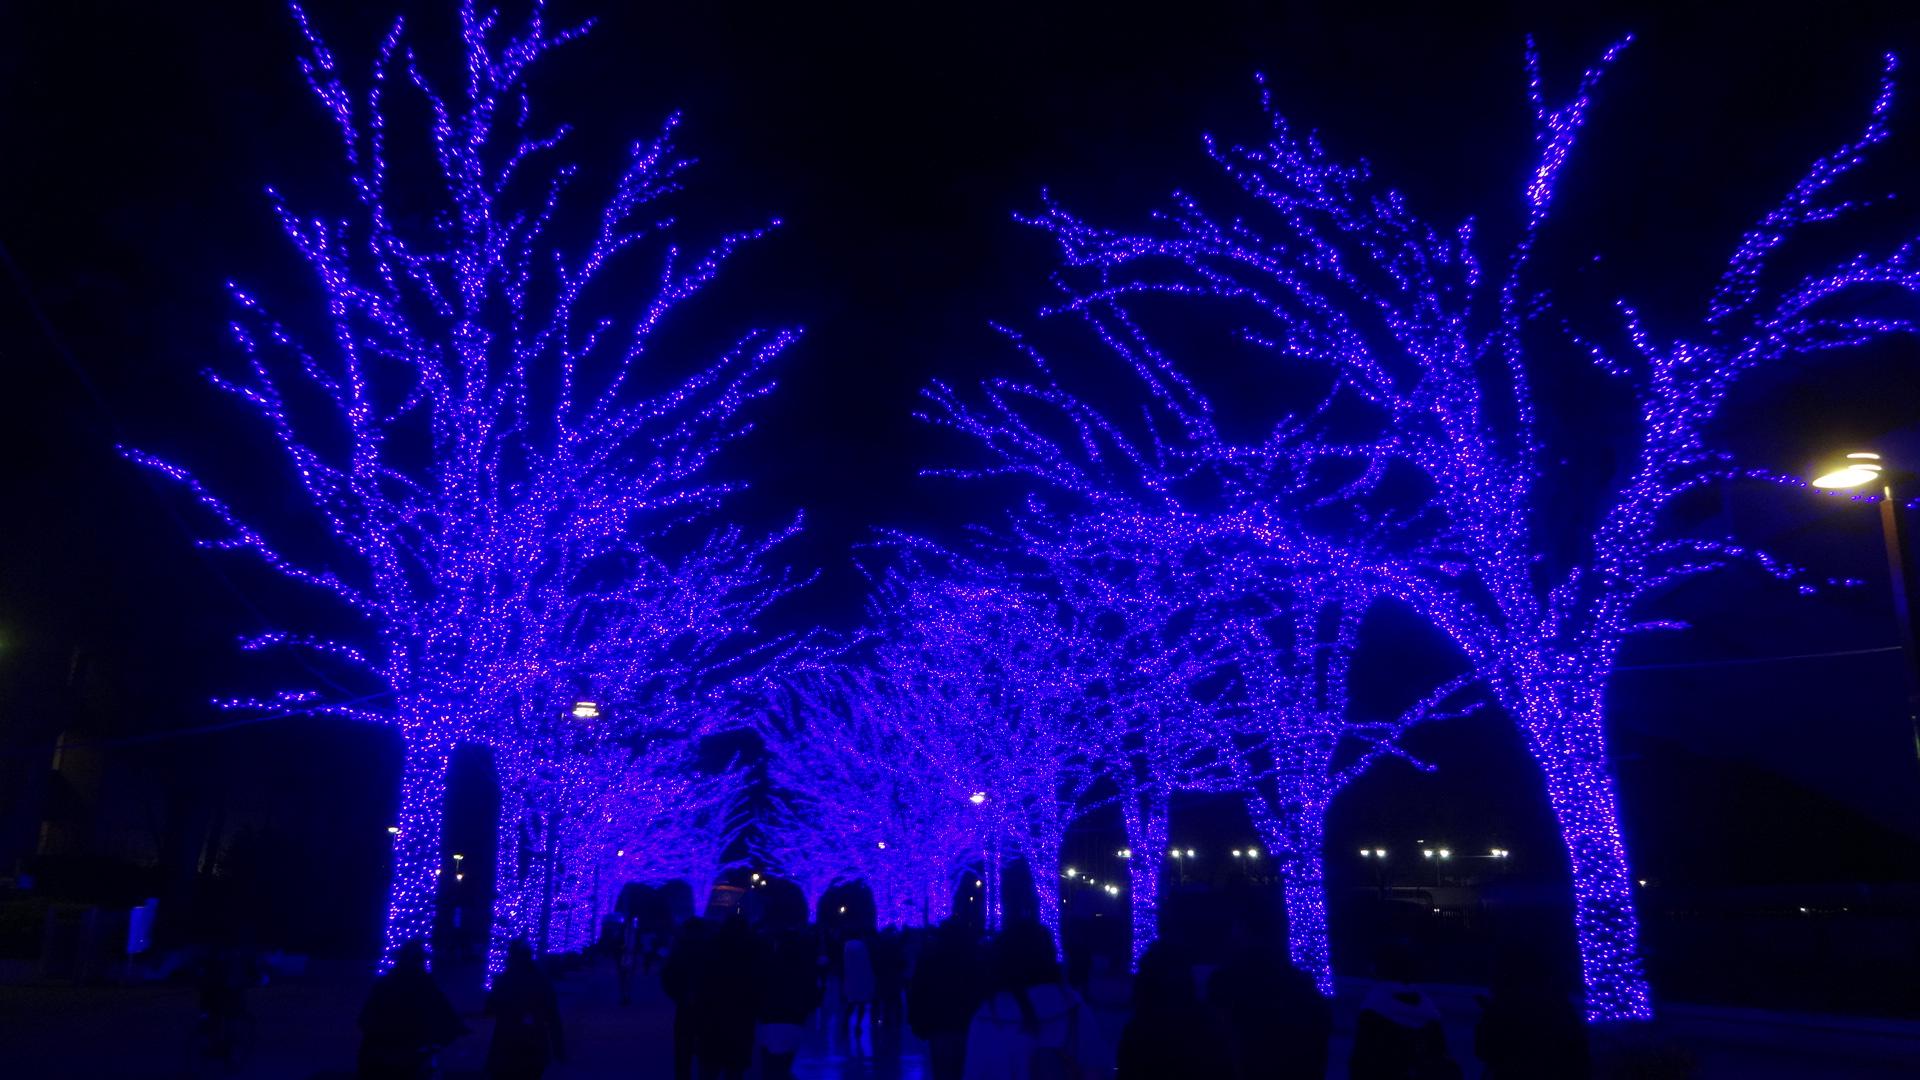 寒空にブルーのライティング